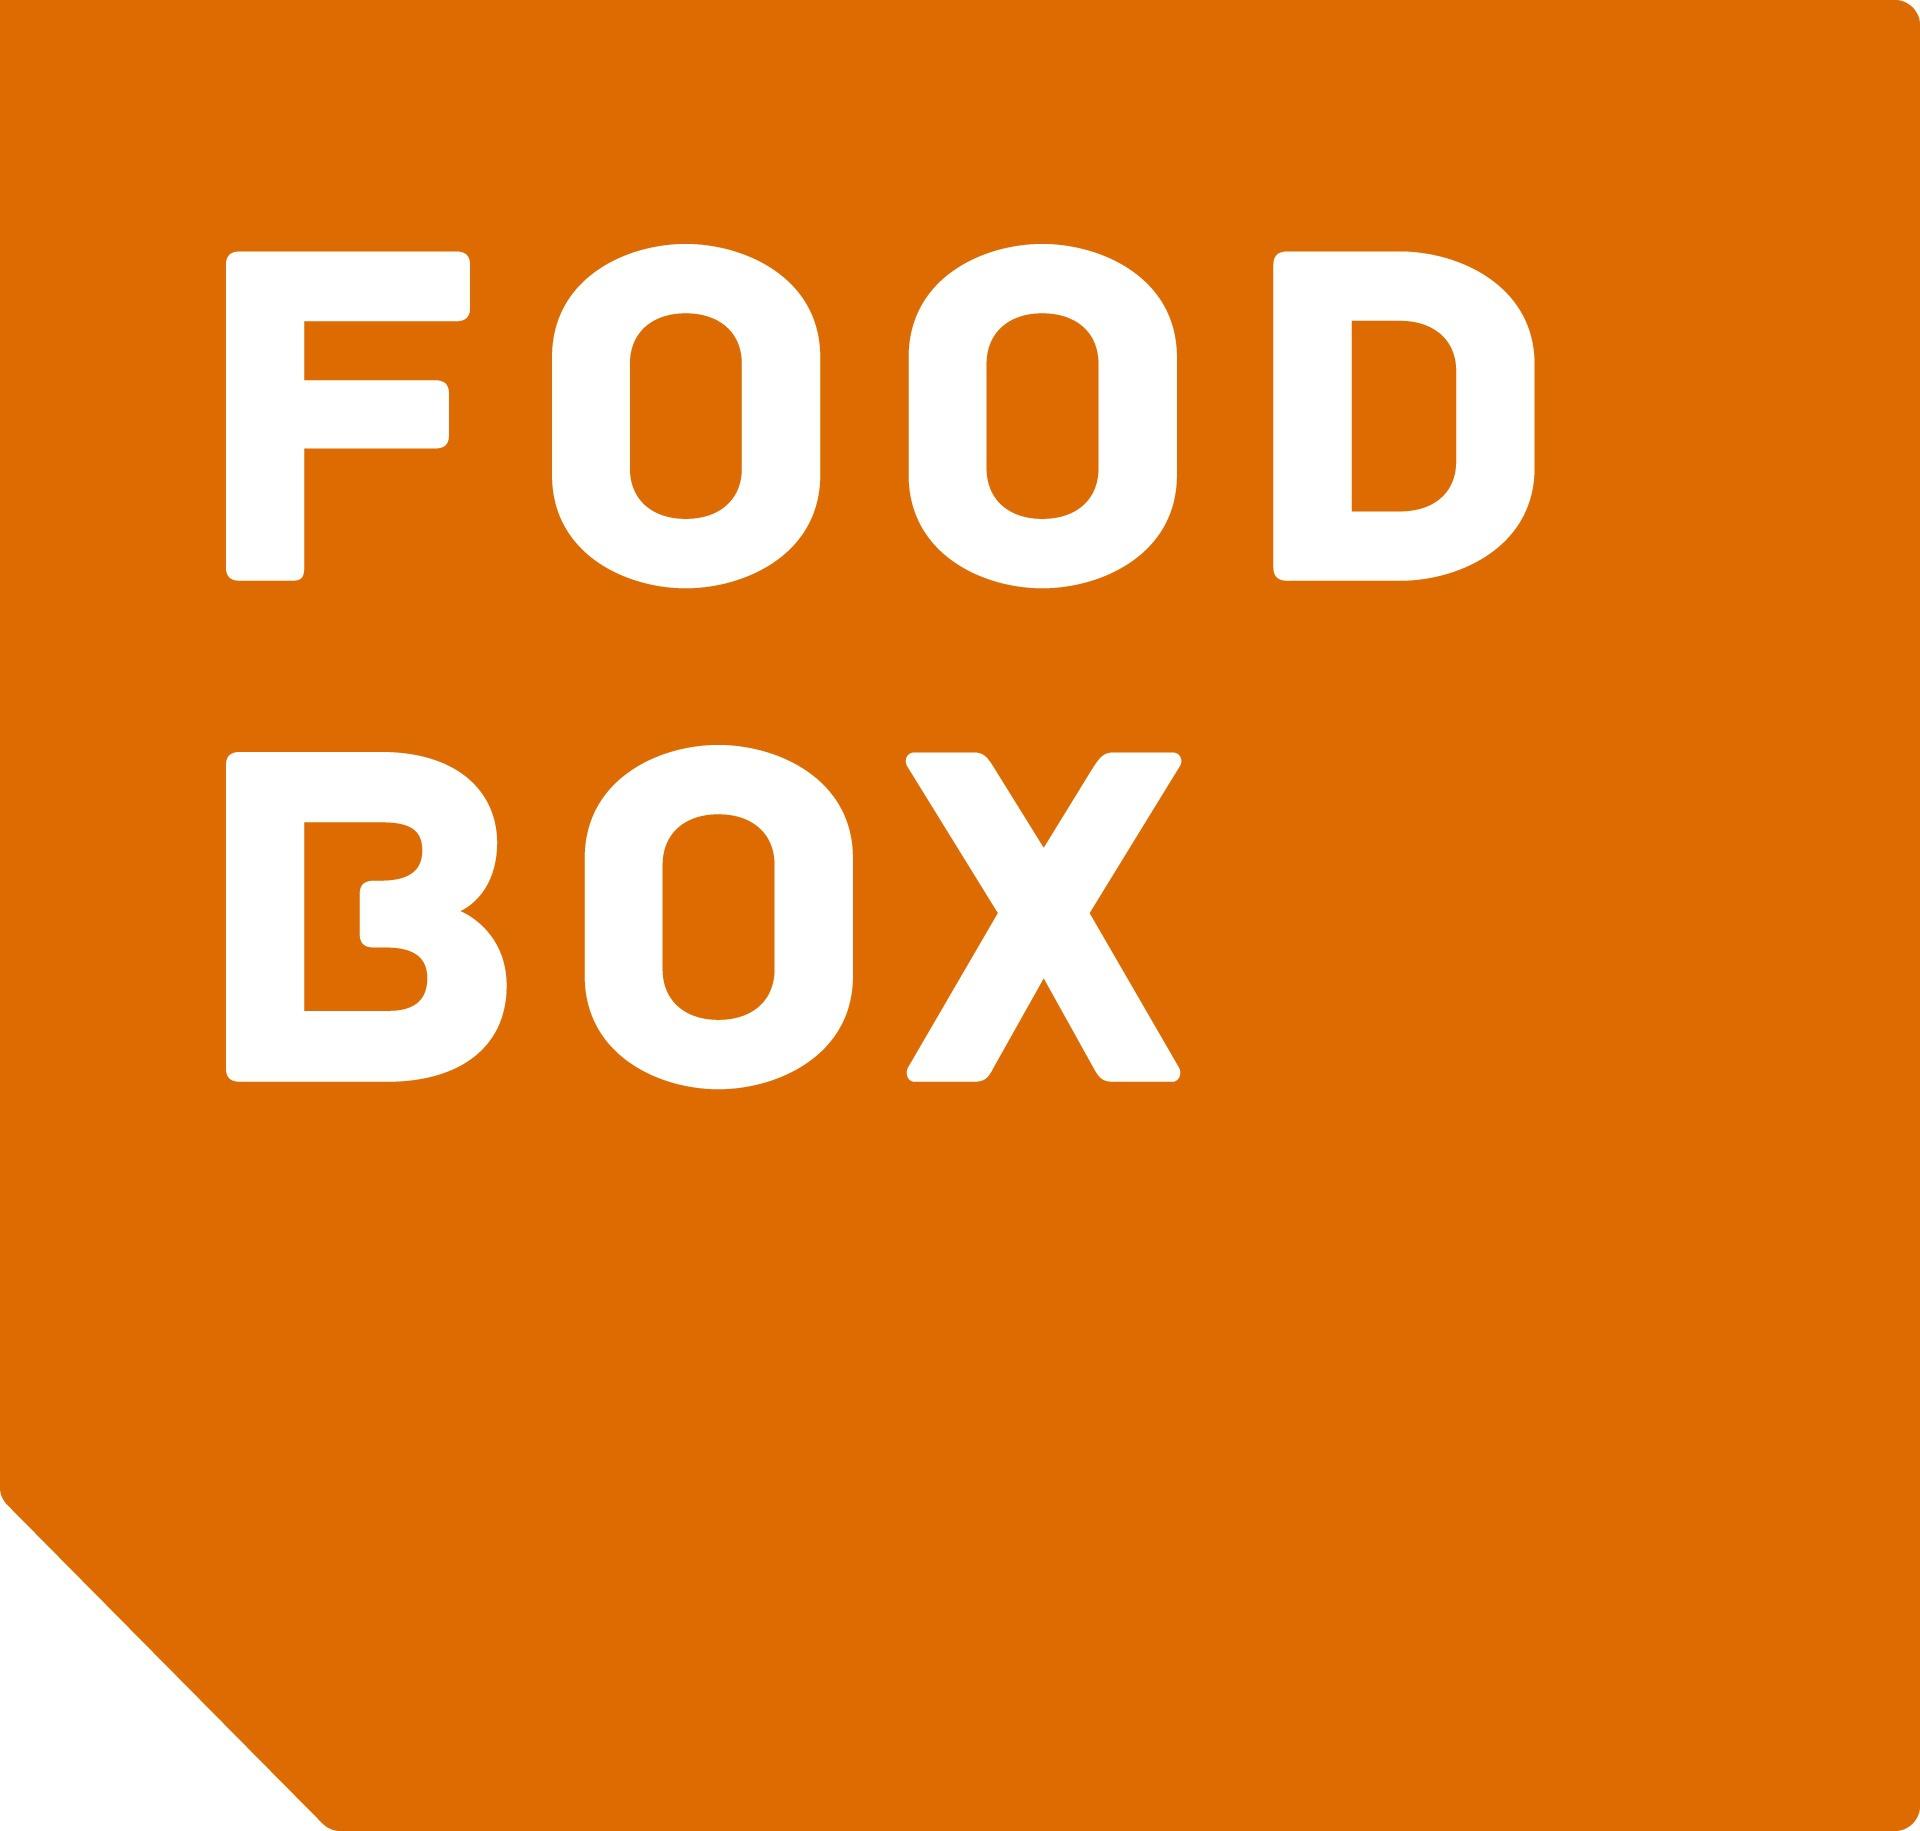 Bildmarke: FOOD BOX